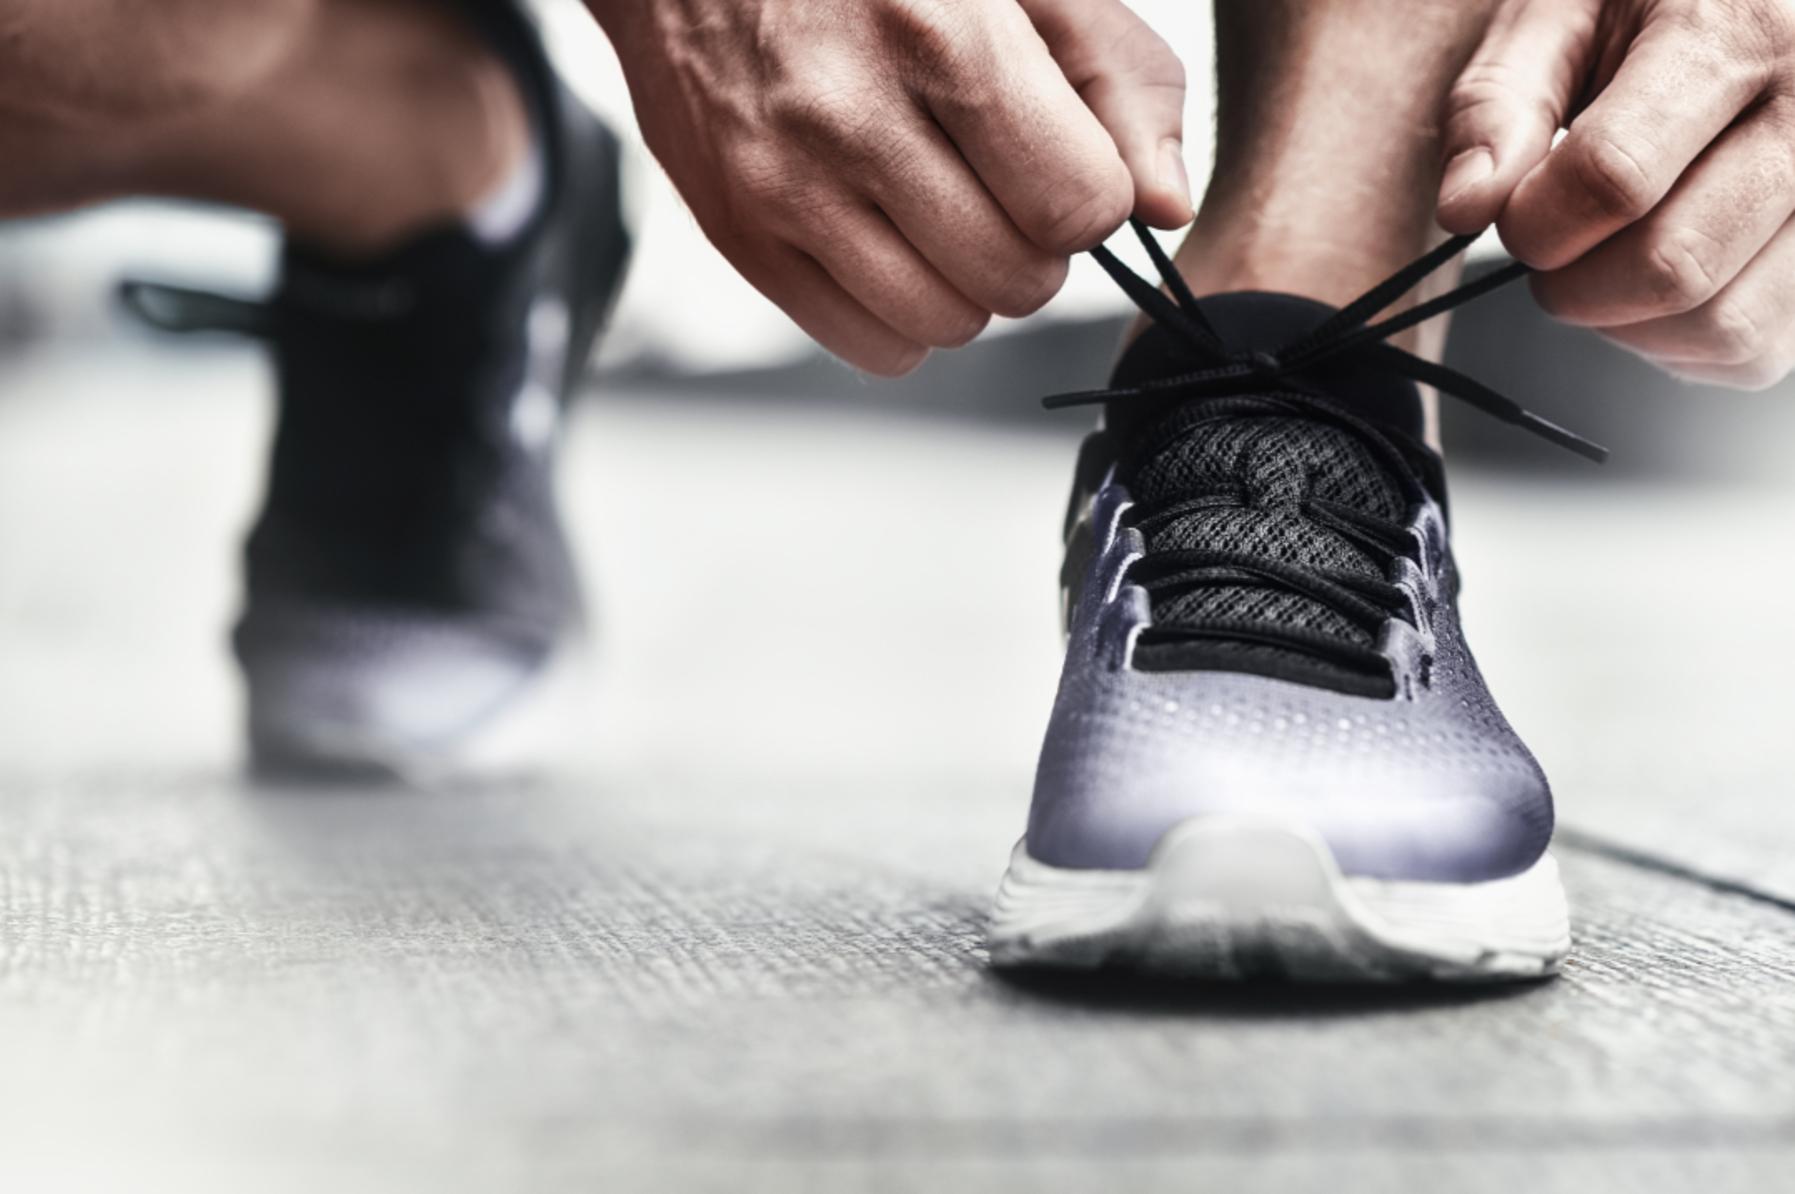 ¿Amortiguación o reactividad, ligereza o protección? ¿Cómo elegir las zapatillas para correr?